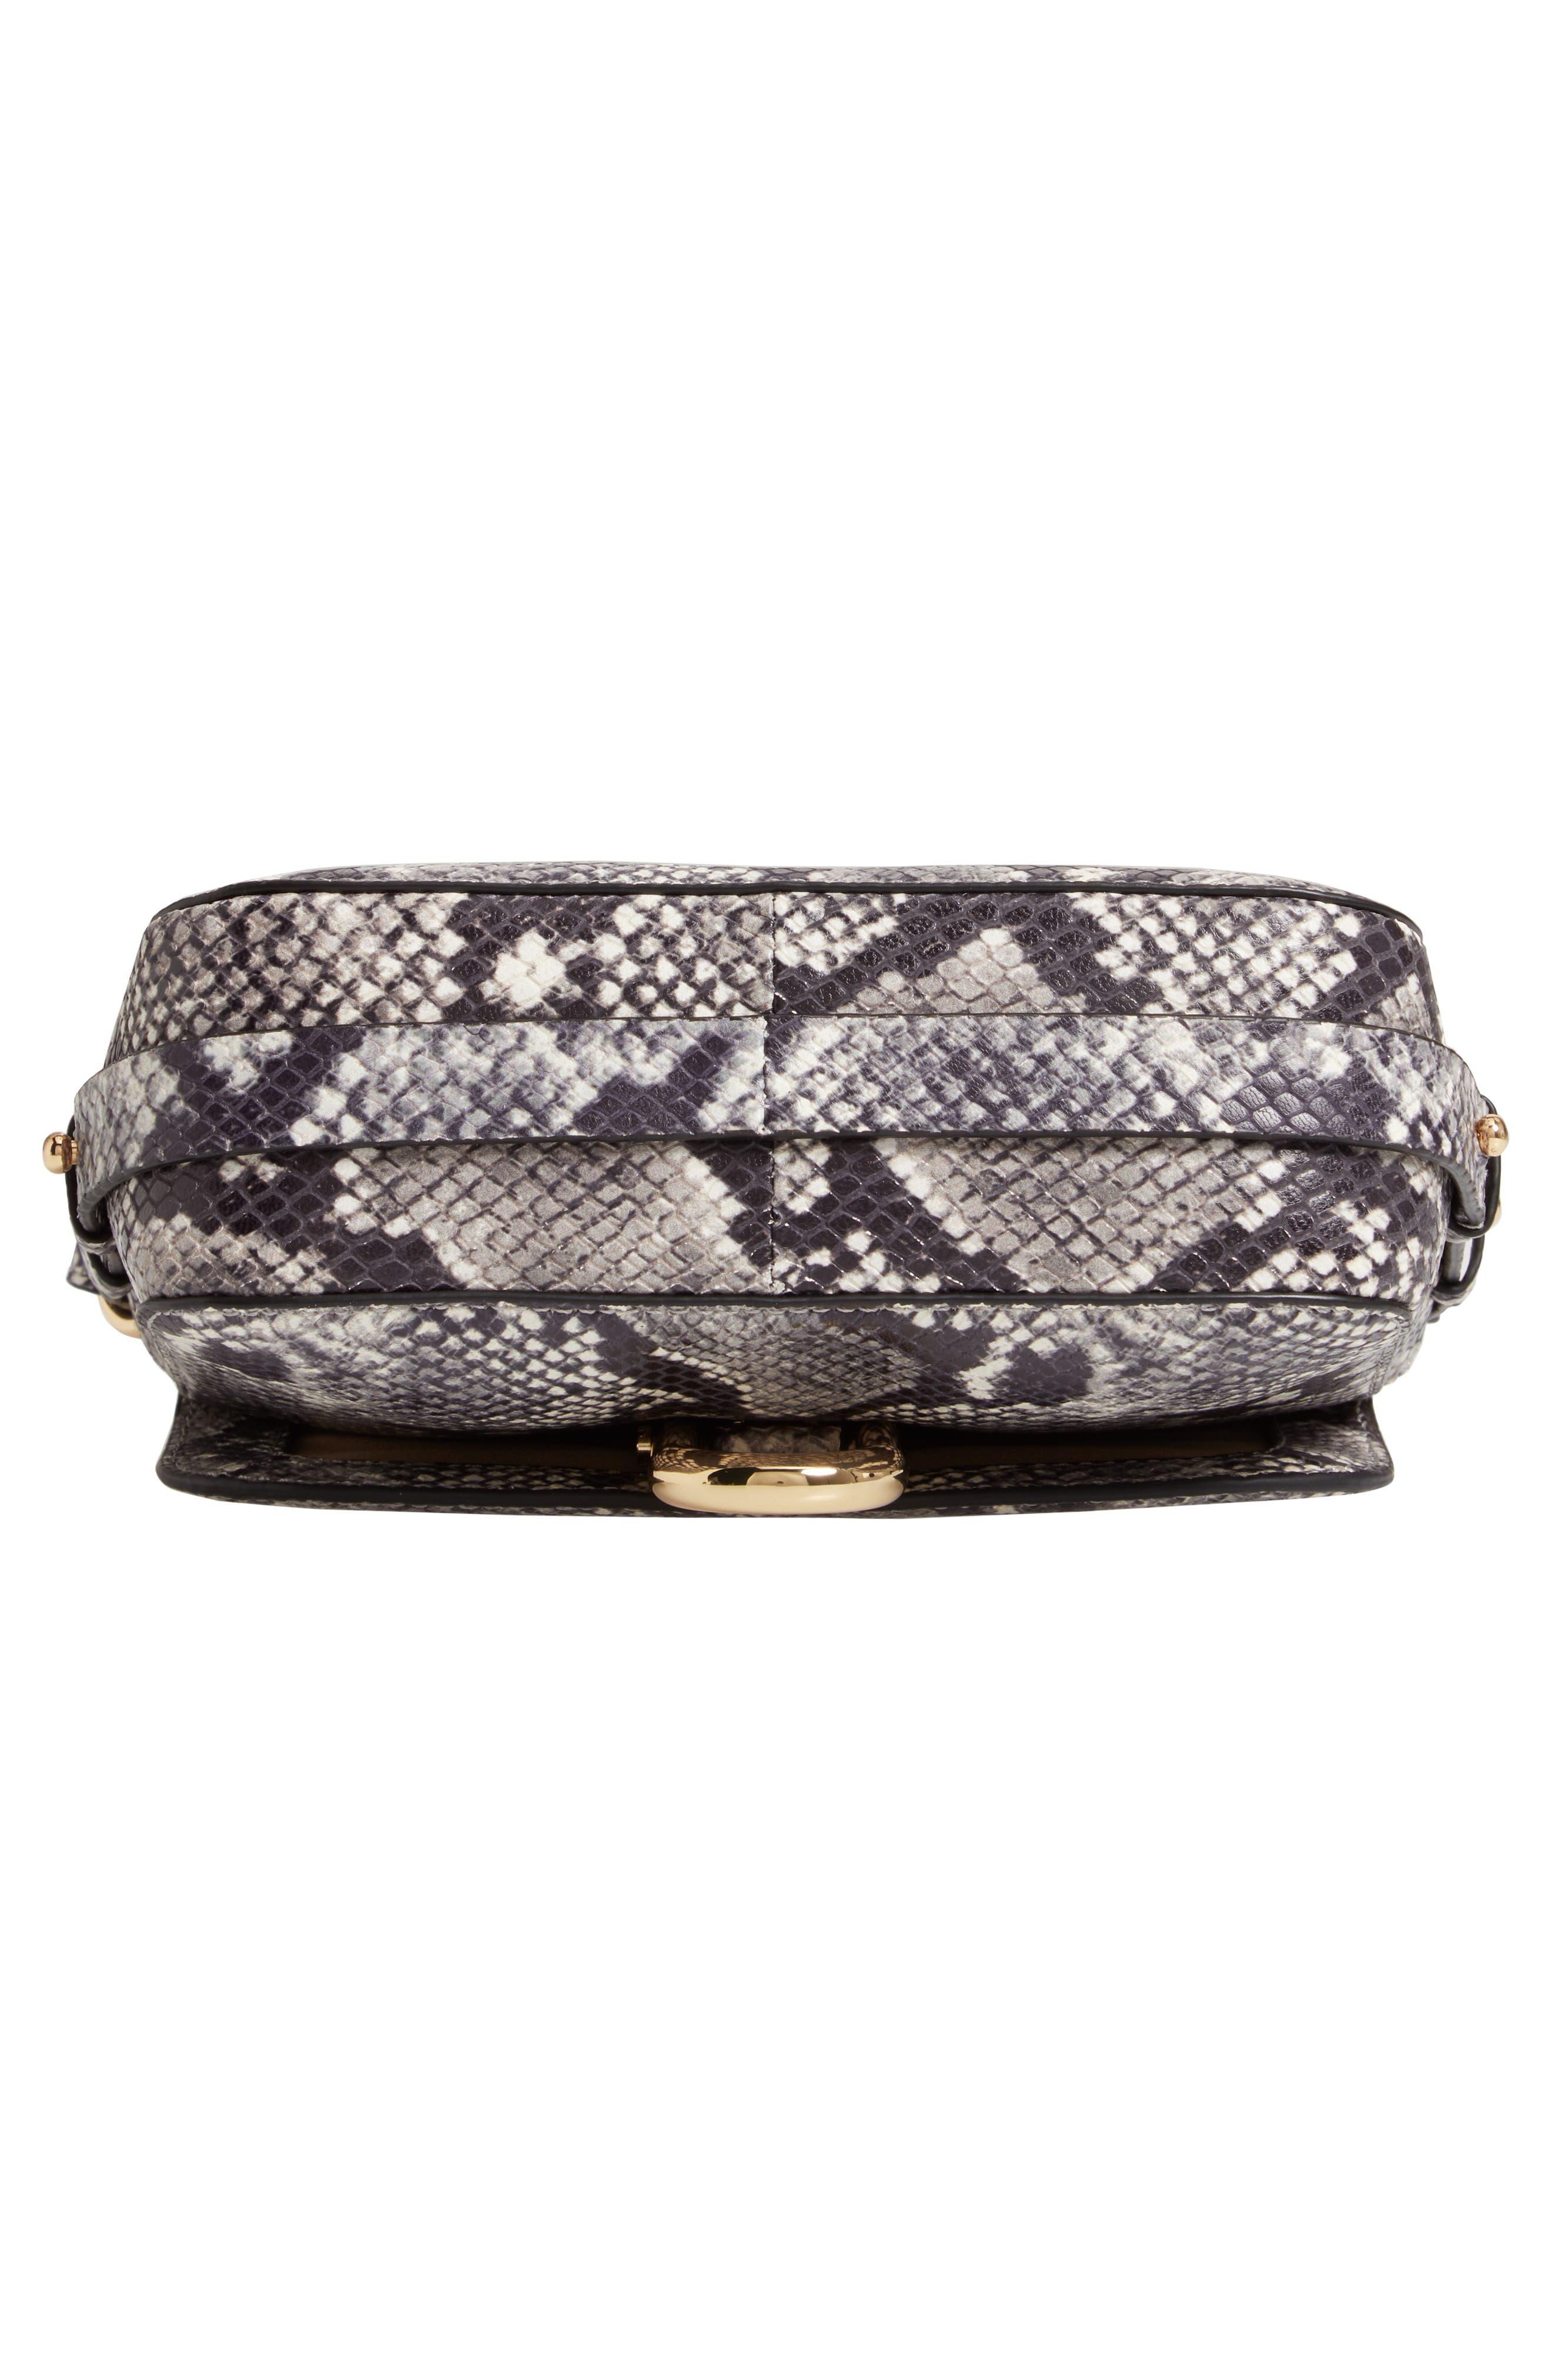 J.CREW,                             Harper Snake Embossed Leather Crossbody Bag,                             Alternate thumbnail 7, color,                             020